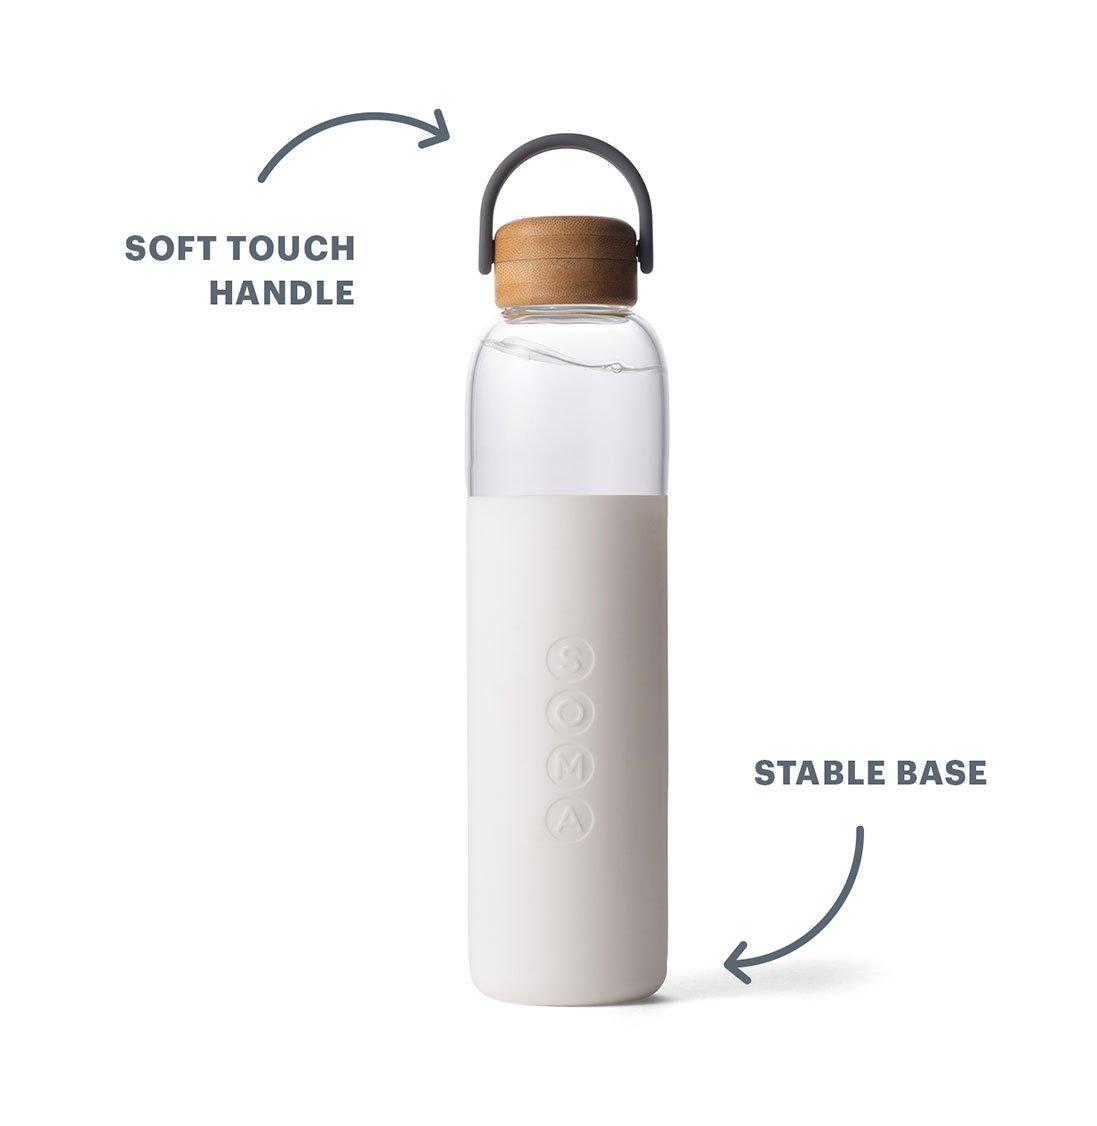 d8973465a895 25 oz. Glass Water Bottle